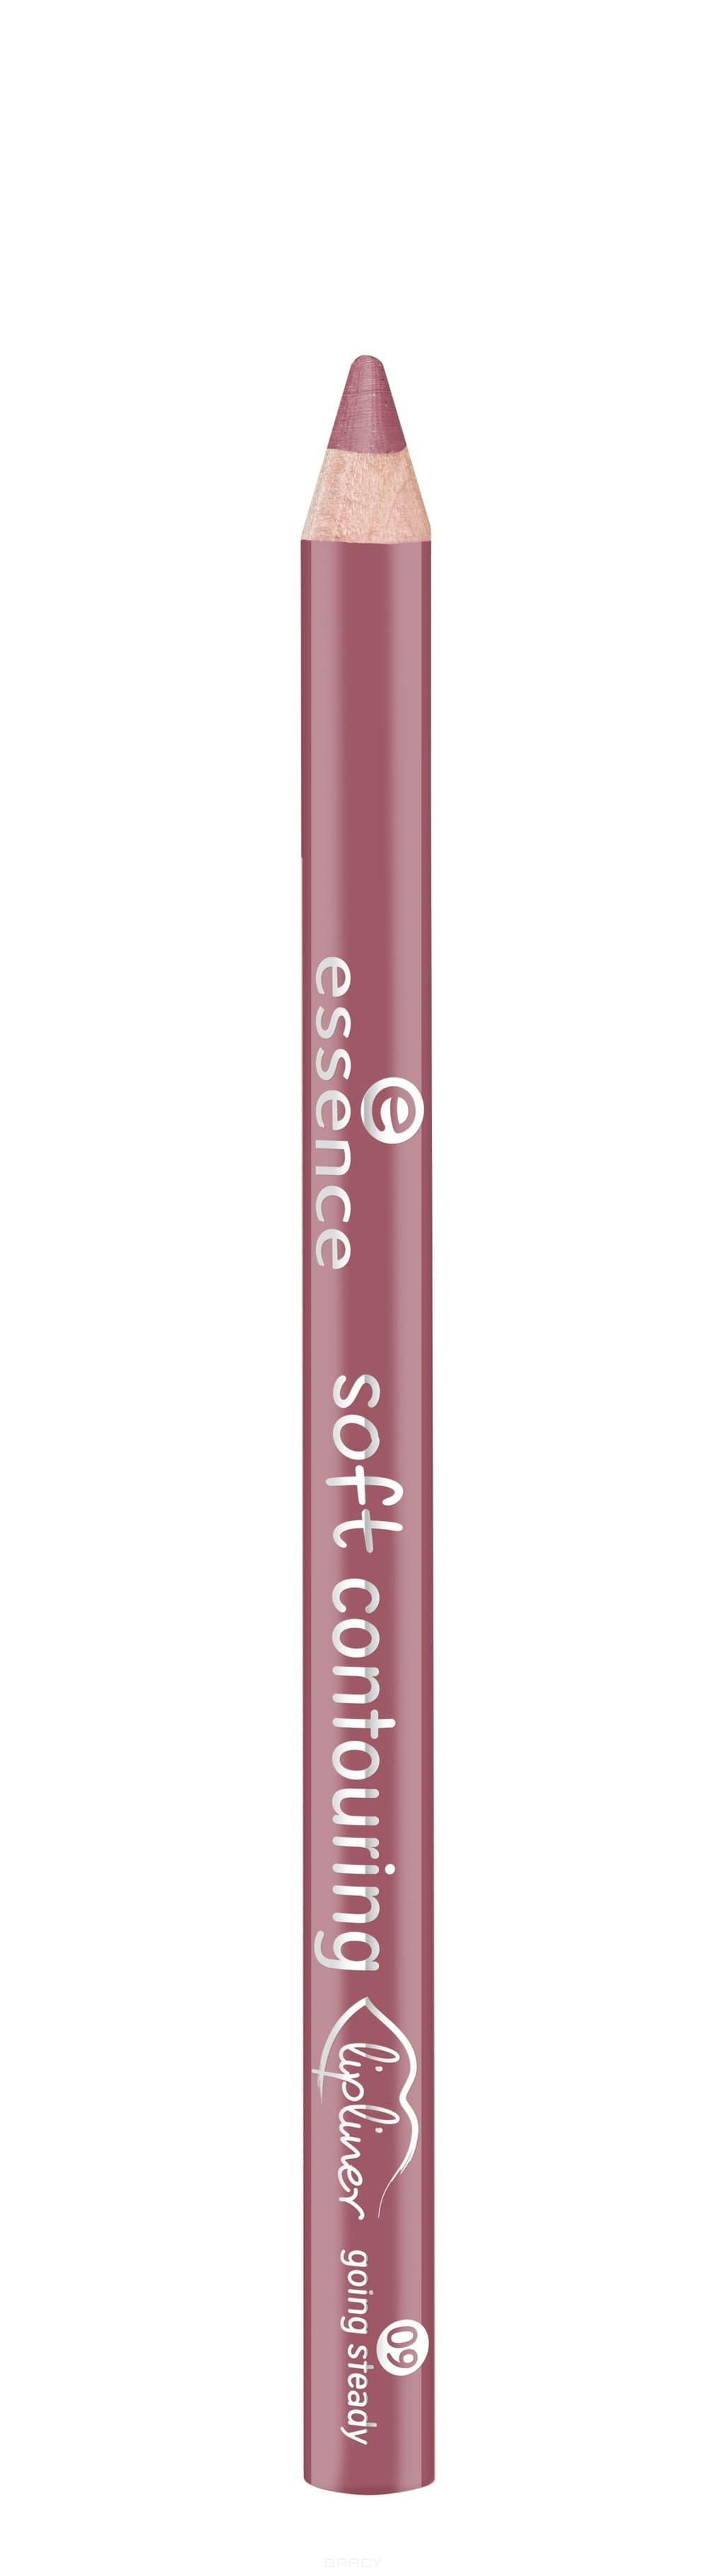 Купить Essence, Контур для губ Soft Contouring Lipliner (11 тонов) №09, перламутрово-розовый